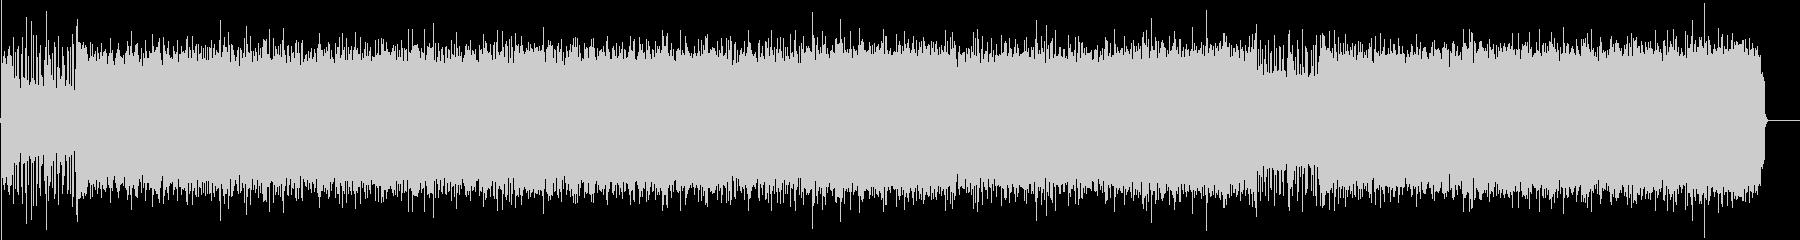 疾走するアメリカンロック(フルサイズ)の未再生の波形